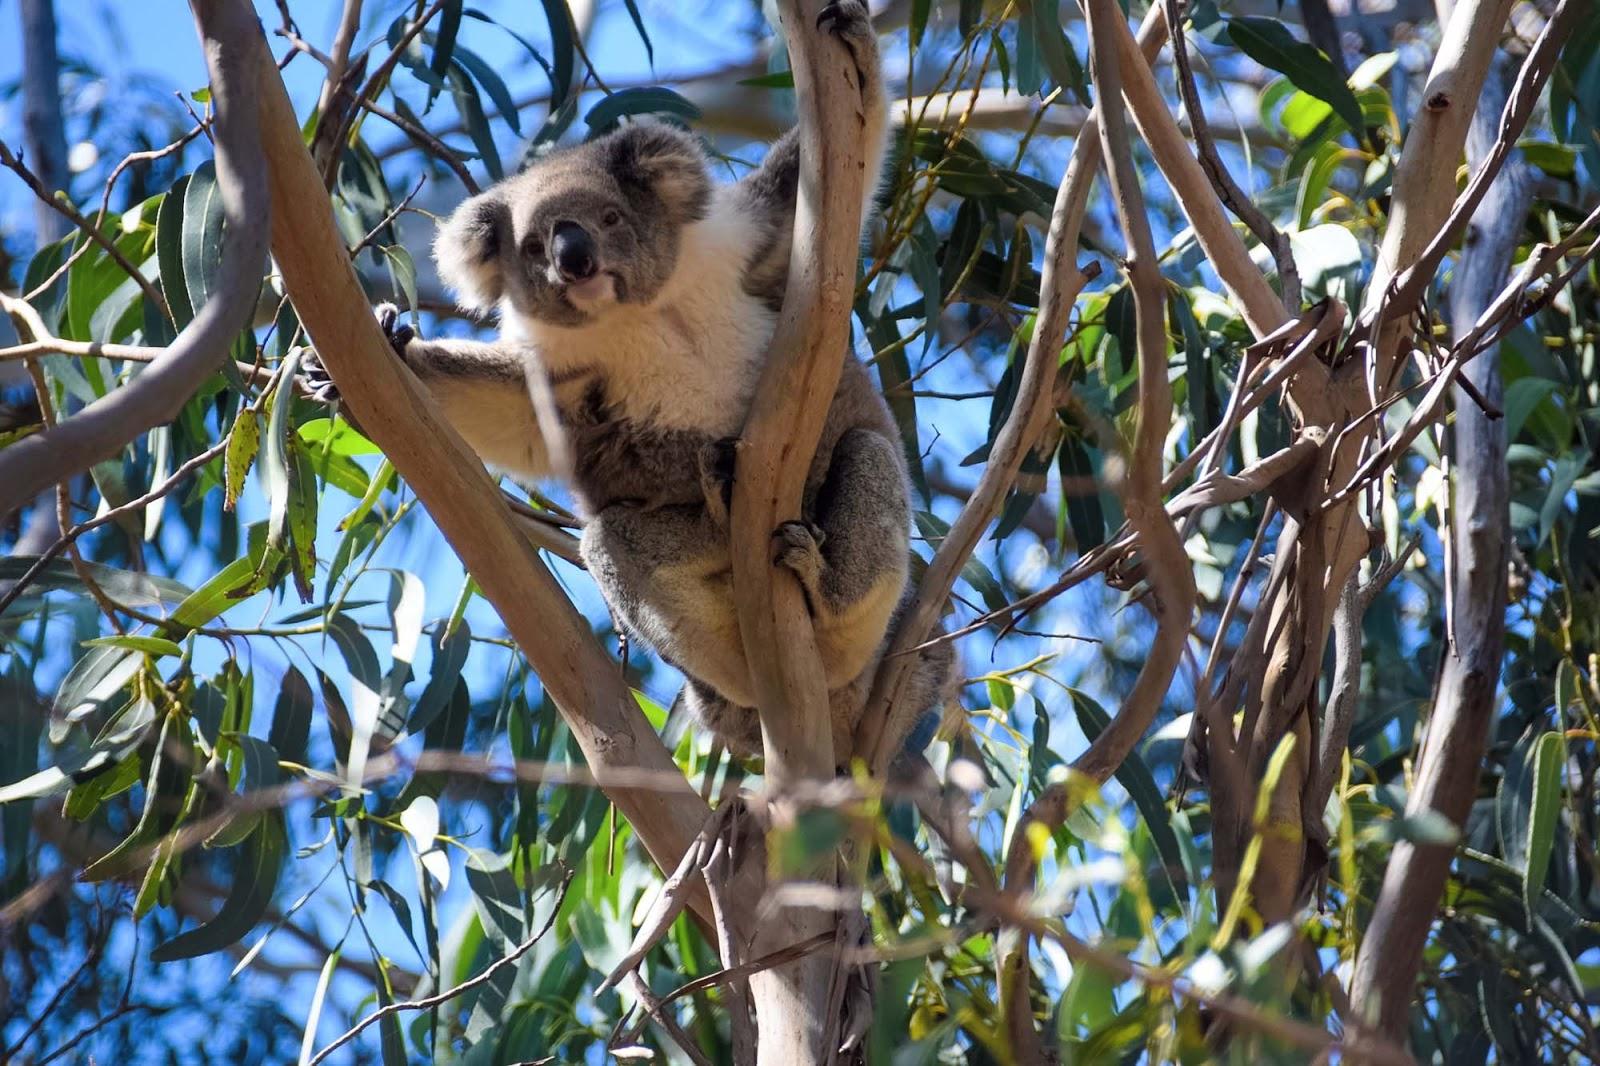 koala at hanson bay wildlife sanctuary